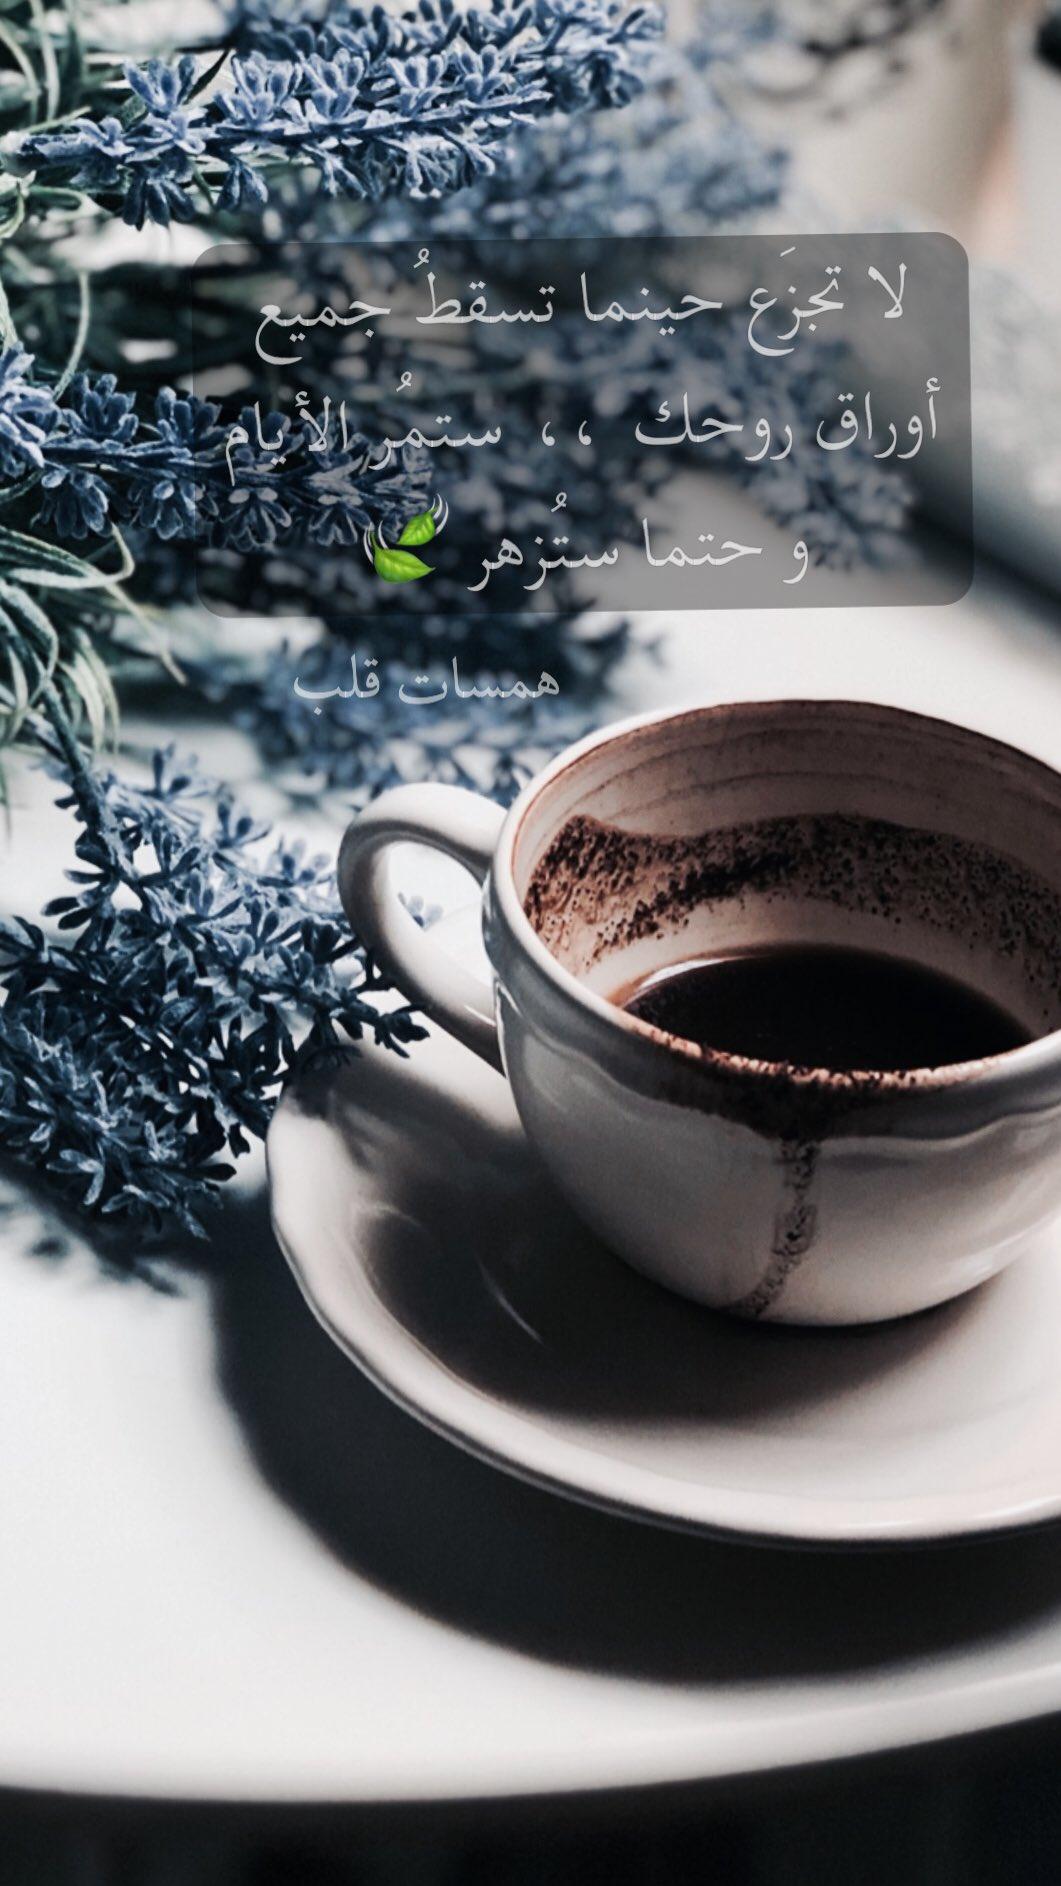 همسات قلب On Twitter حين تفقد الدفء تجده على أطراف كوب قهوة